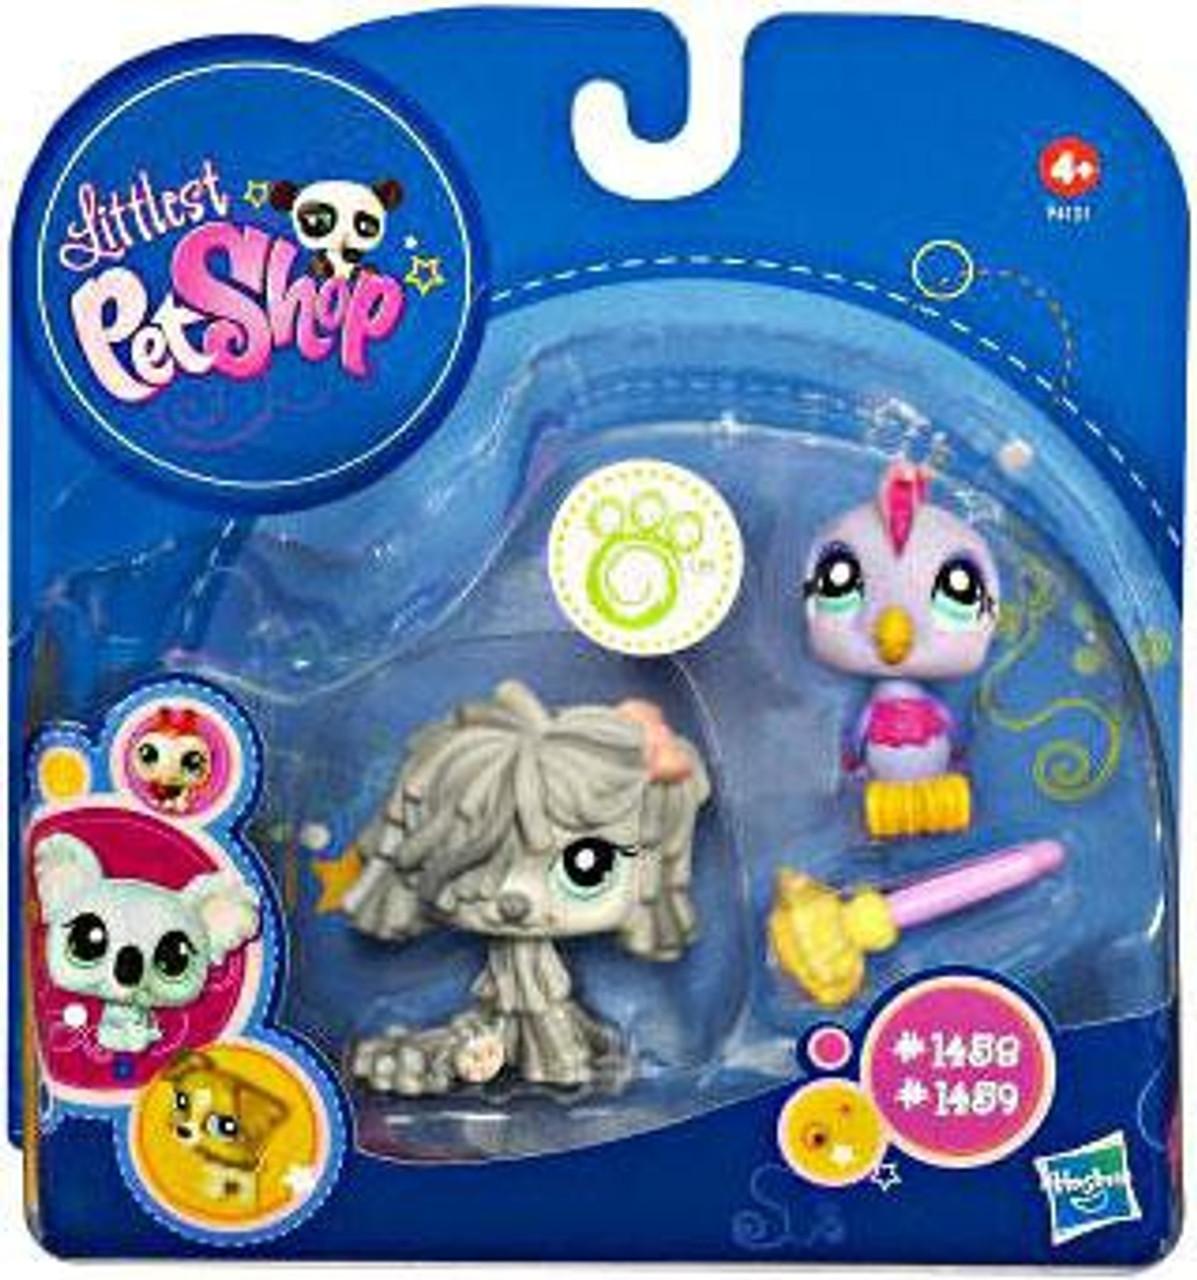 Littlest Pet Shop 2010 Assortment A Series 3 Mopdog & Bird Figure 2-Pack #1458, 1459 [Mop]